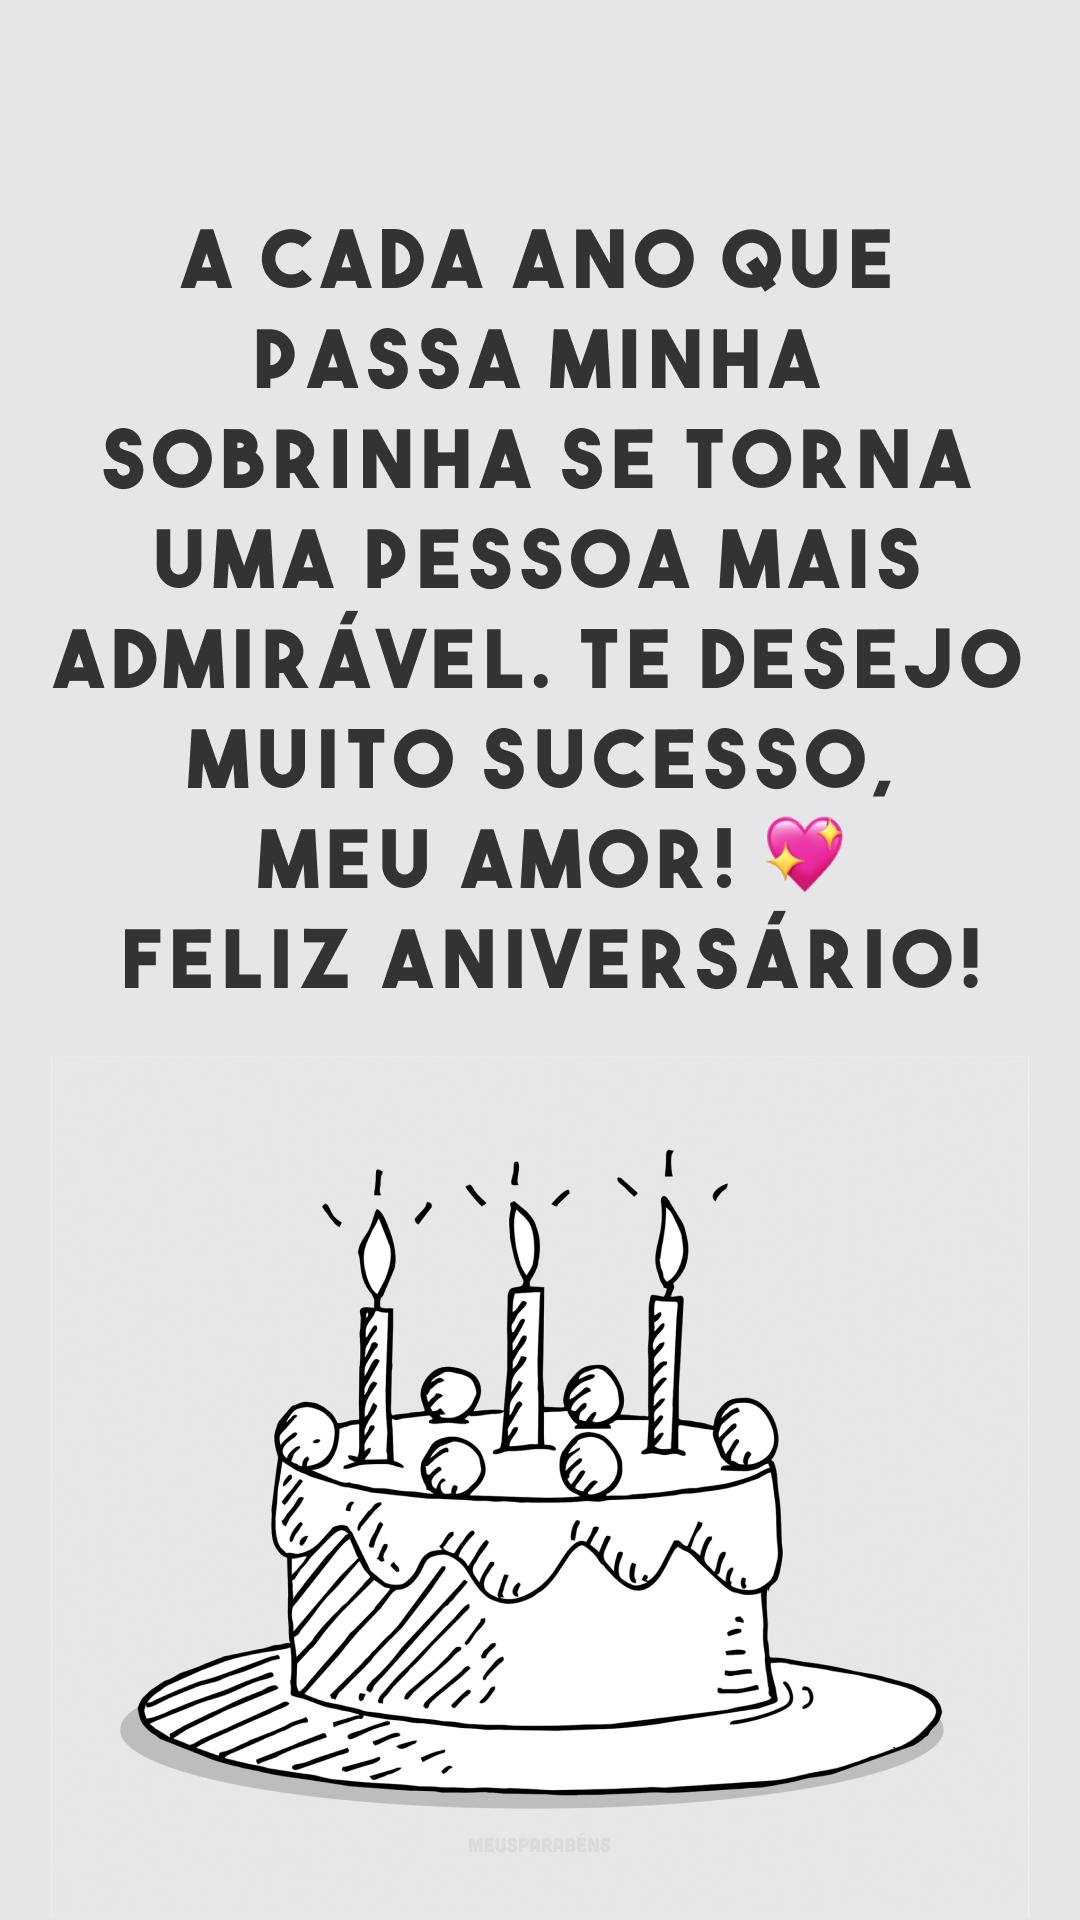 A cada ano que passa minha sobrinha se torna uma pessoa mais admirável. Te desejo muito sucesso, meu amor! 💖 Feliz aniversário!